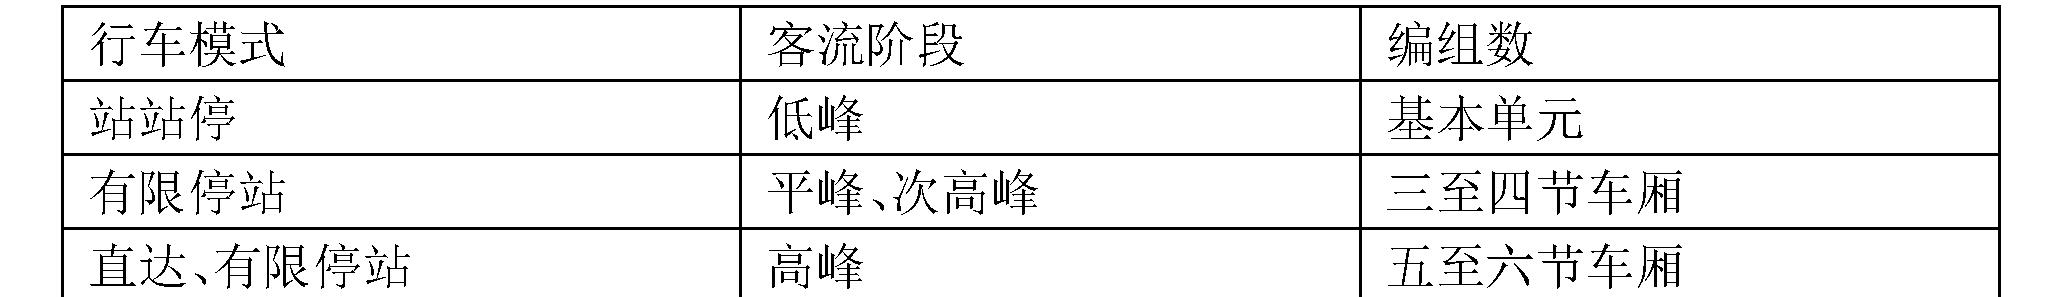 Figure CN104816732BD00161